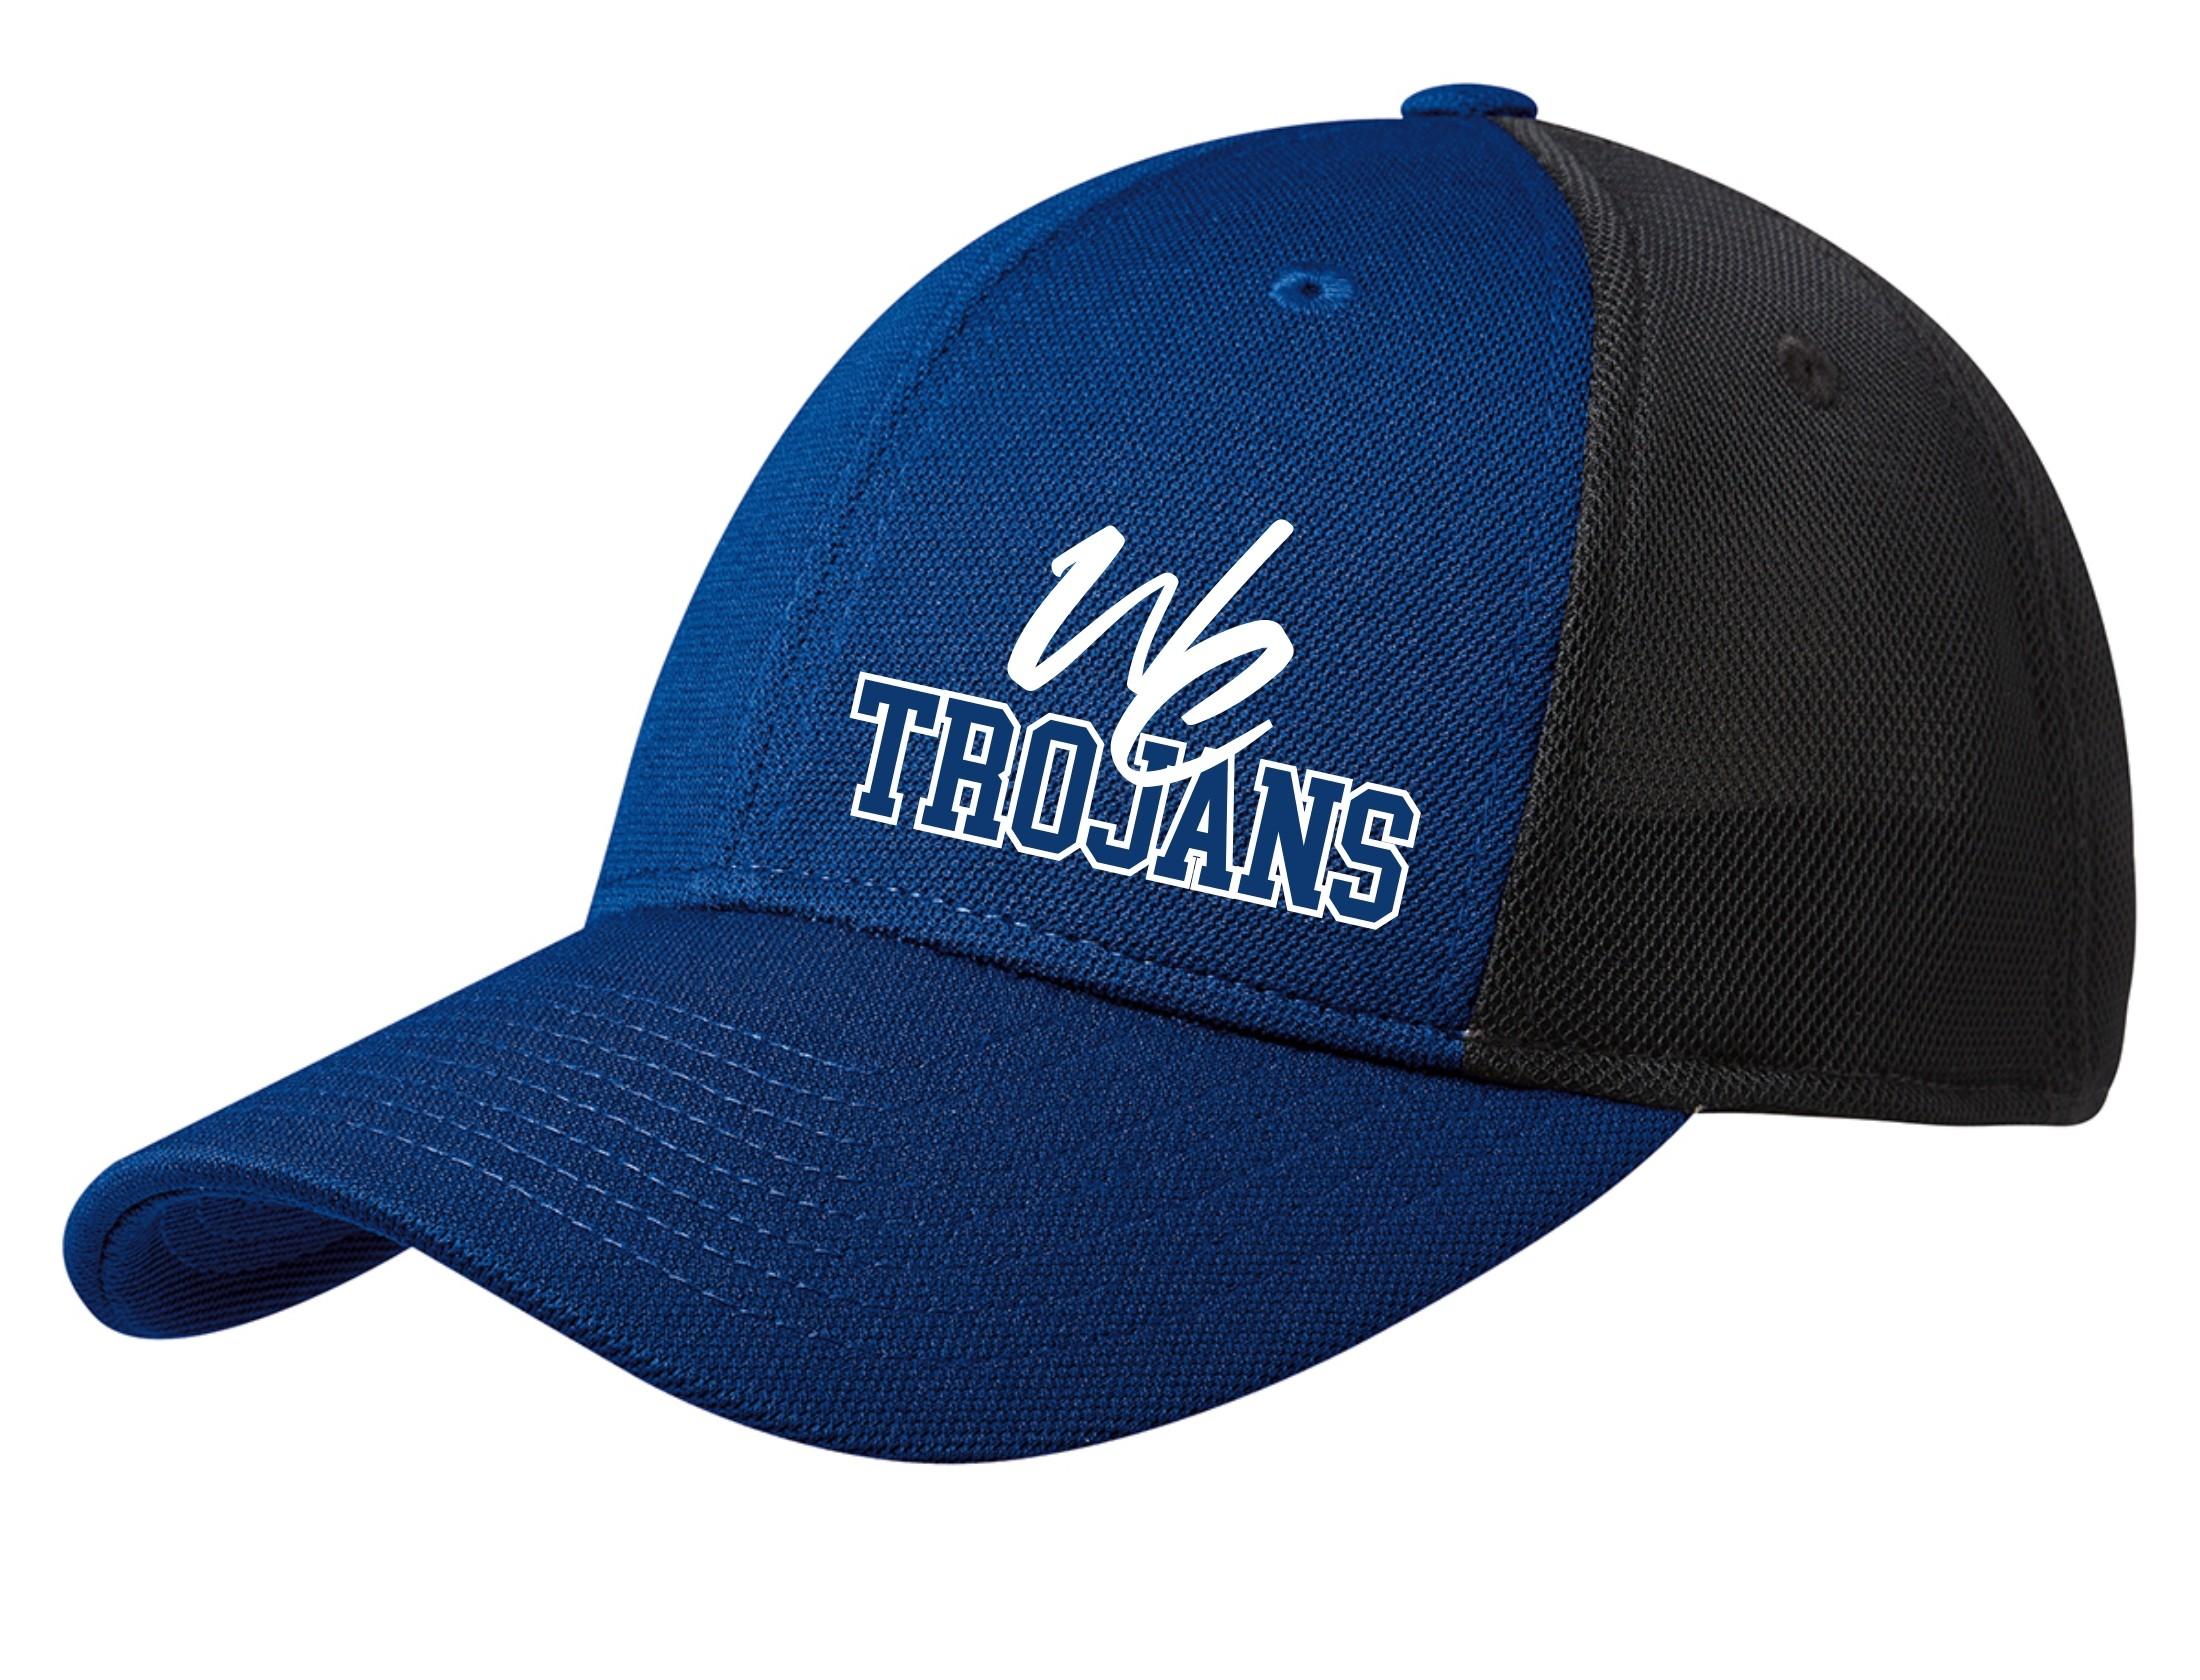 NEW West Central Trojans Flex Fit Hat